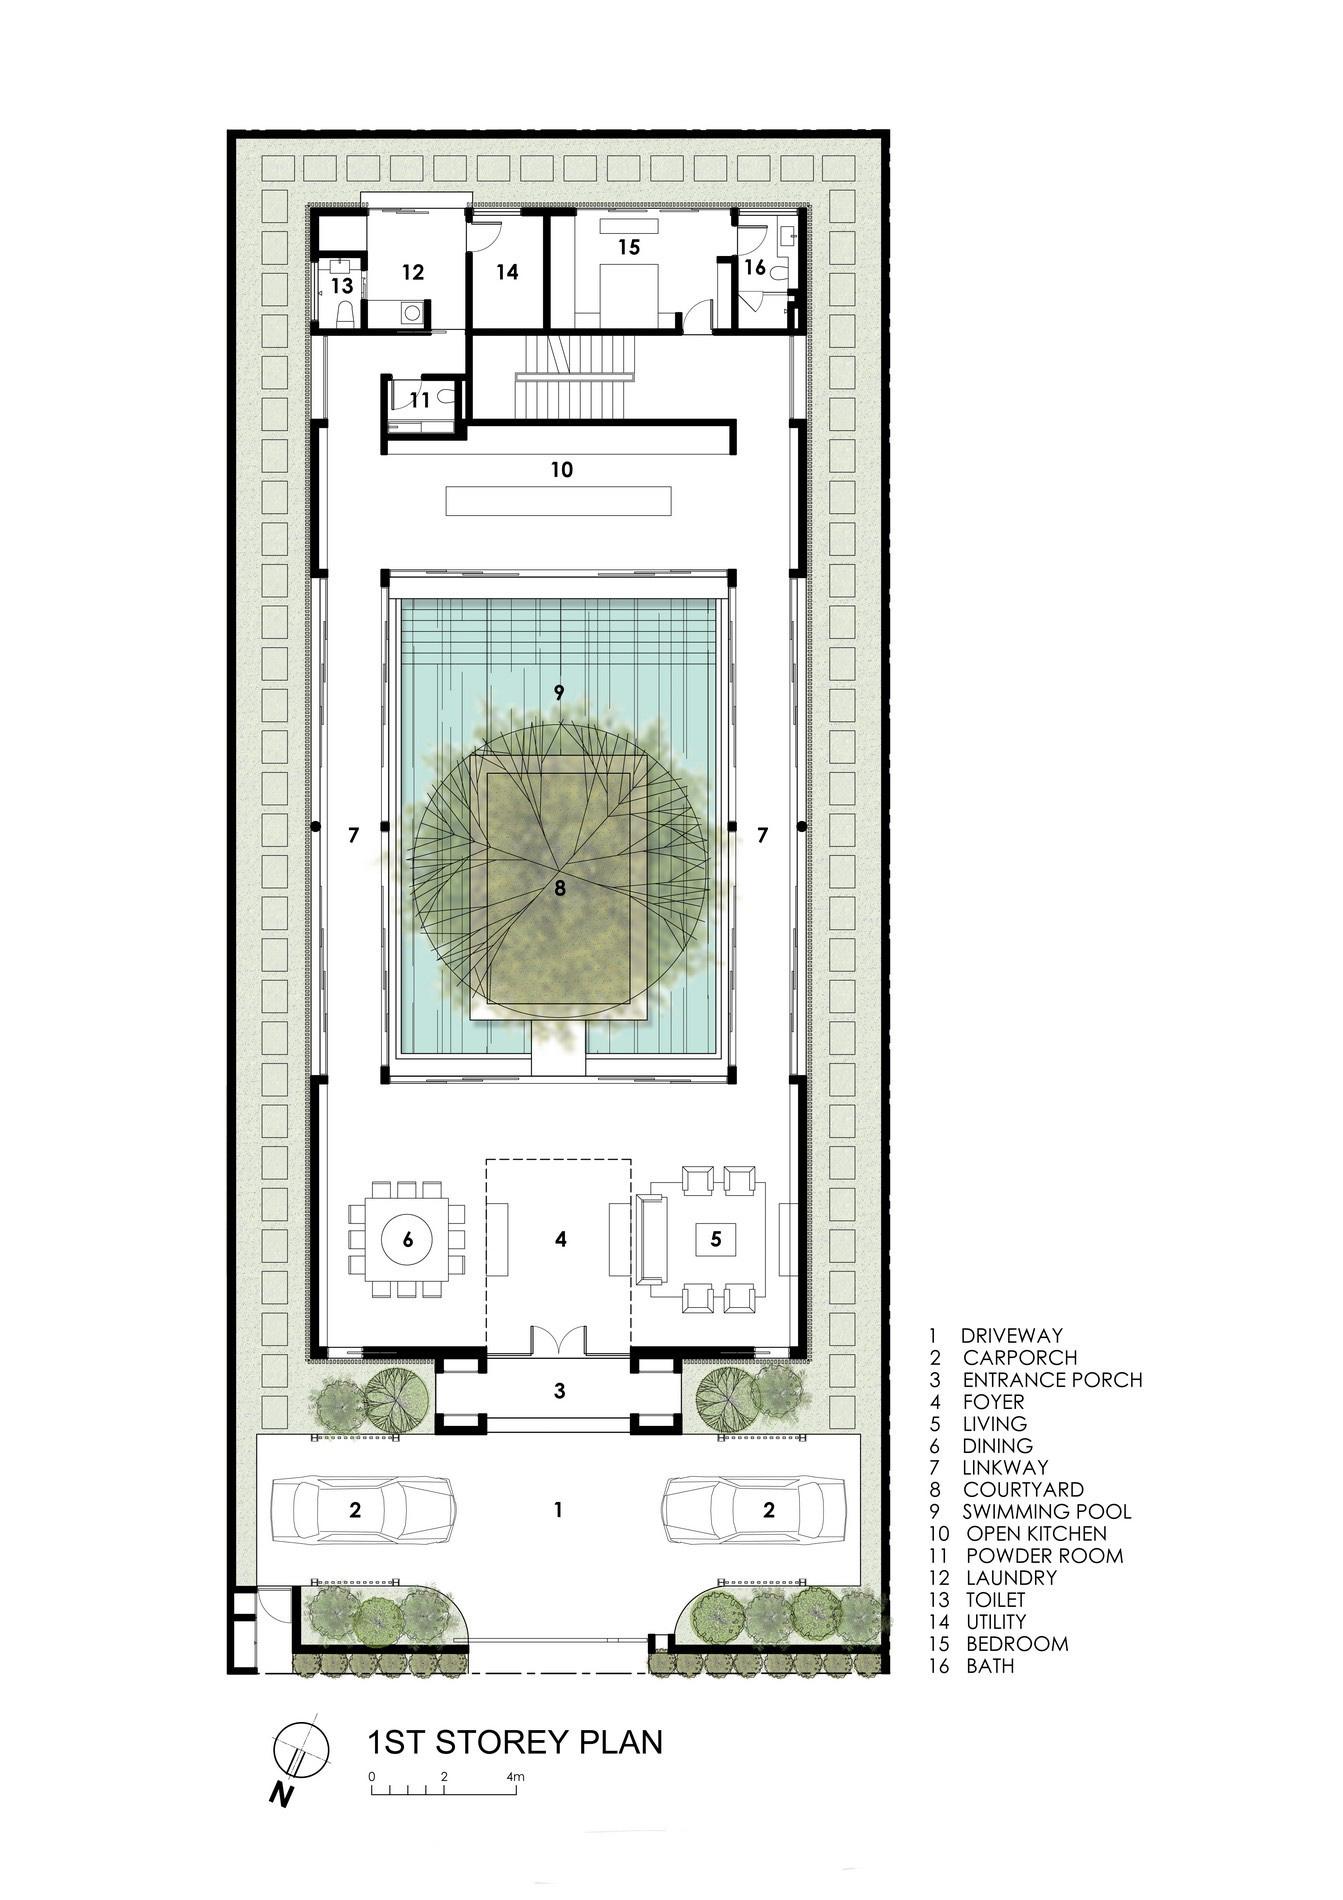 First Floor Plan - Centennial Tree House Luxury Residence - Dunbar Walk, Singapore